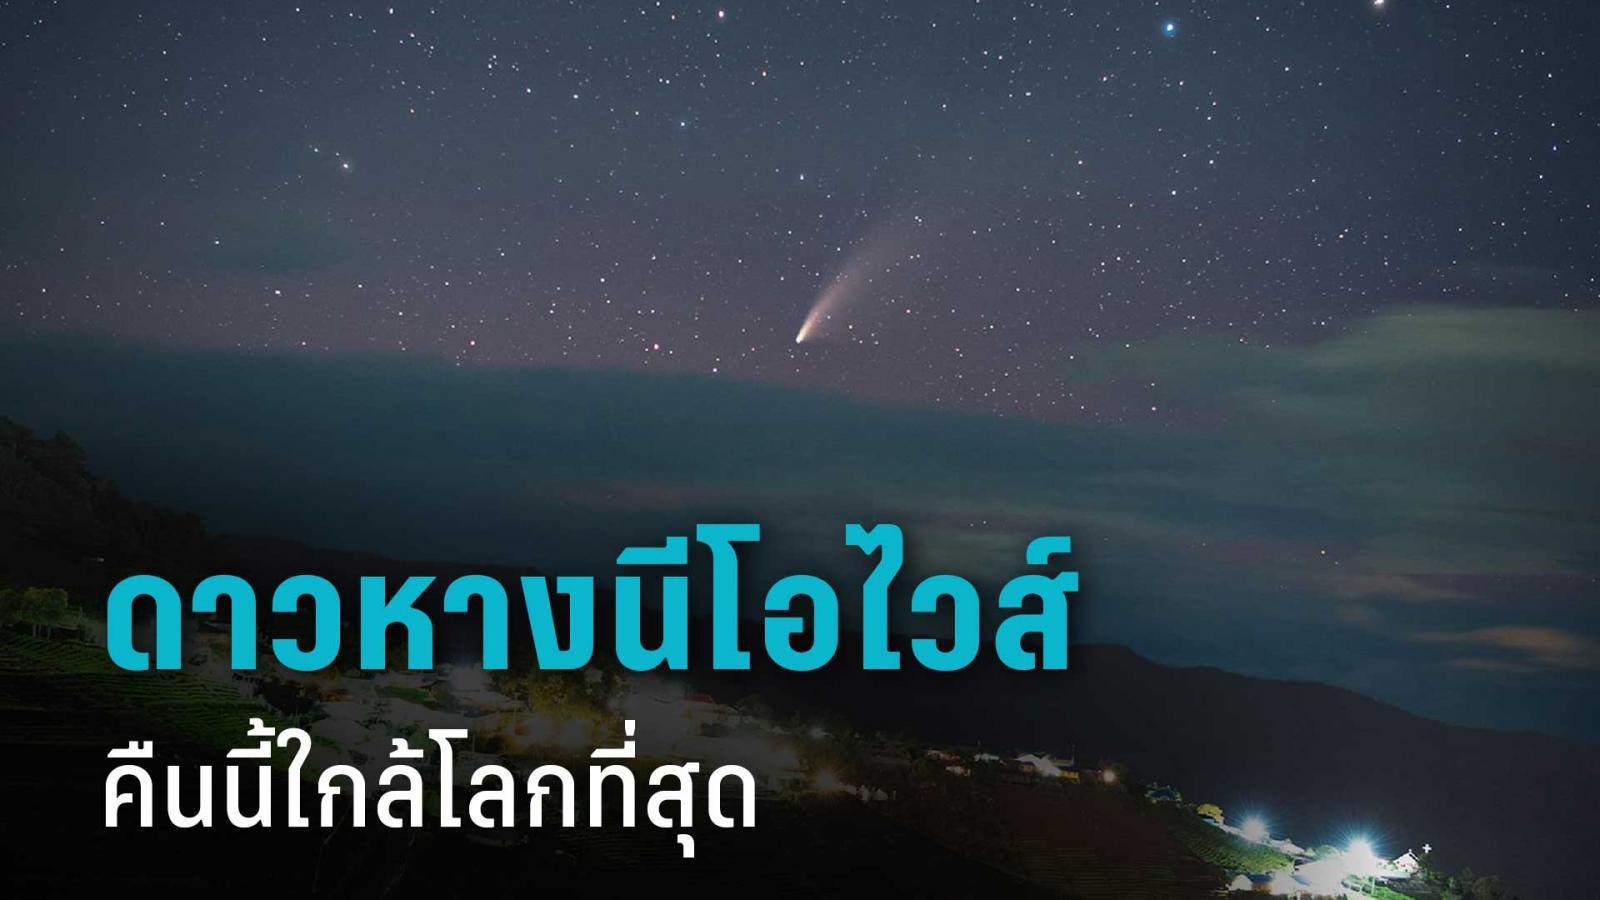 โอกาสดีที่สุด ยลโฉม 'ดาวหางนีโอไวส์' คืนนี้ใกล้โลก กับ 7 วิธีล่าภาพดาวหาง